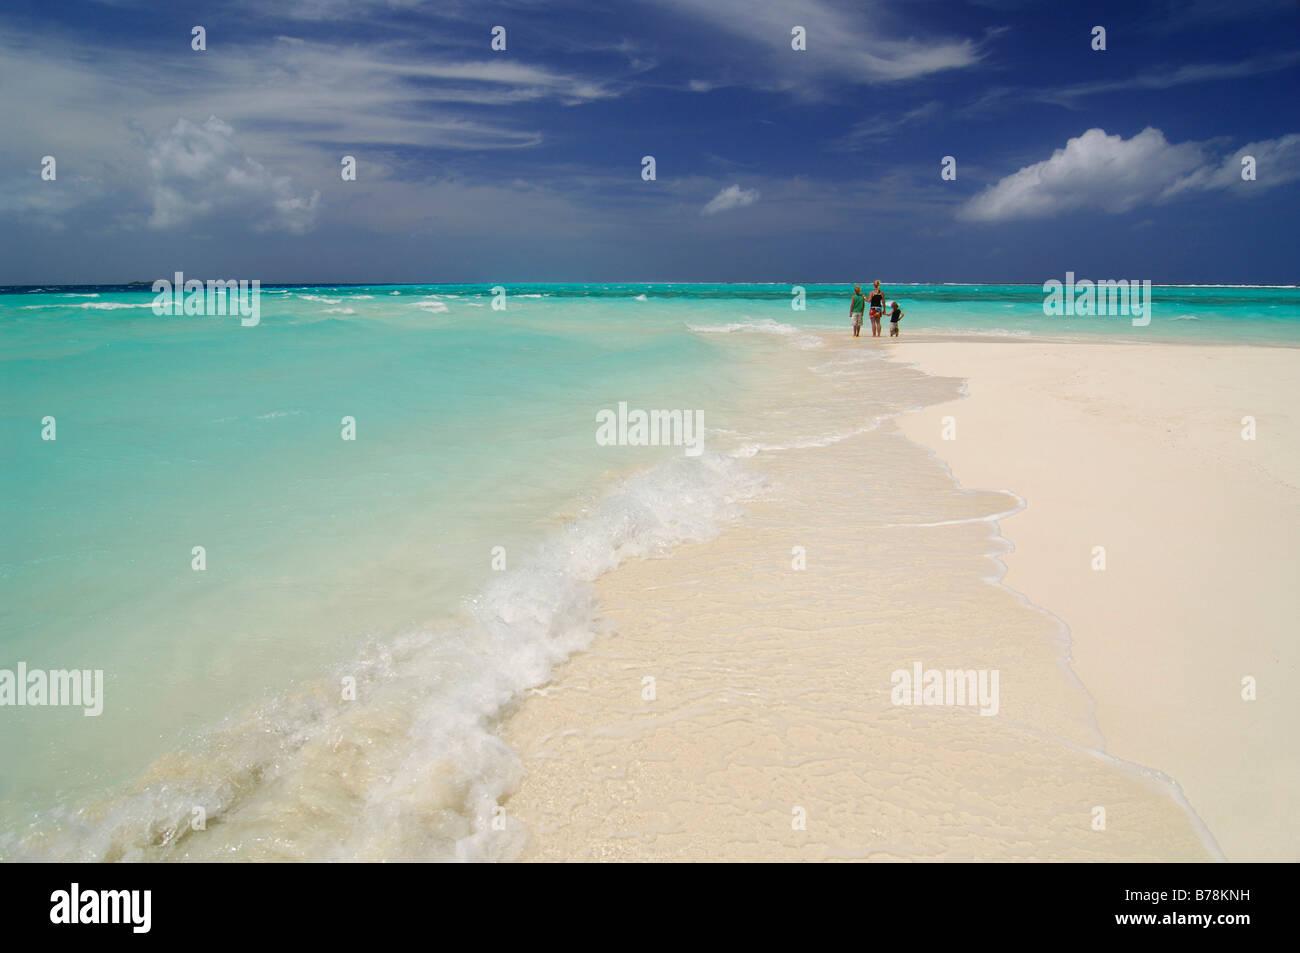 Una mujer y dos niños en la playa, Laguna Resort, las Maldivas, Océano Índico Imagen De Stock